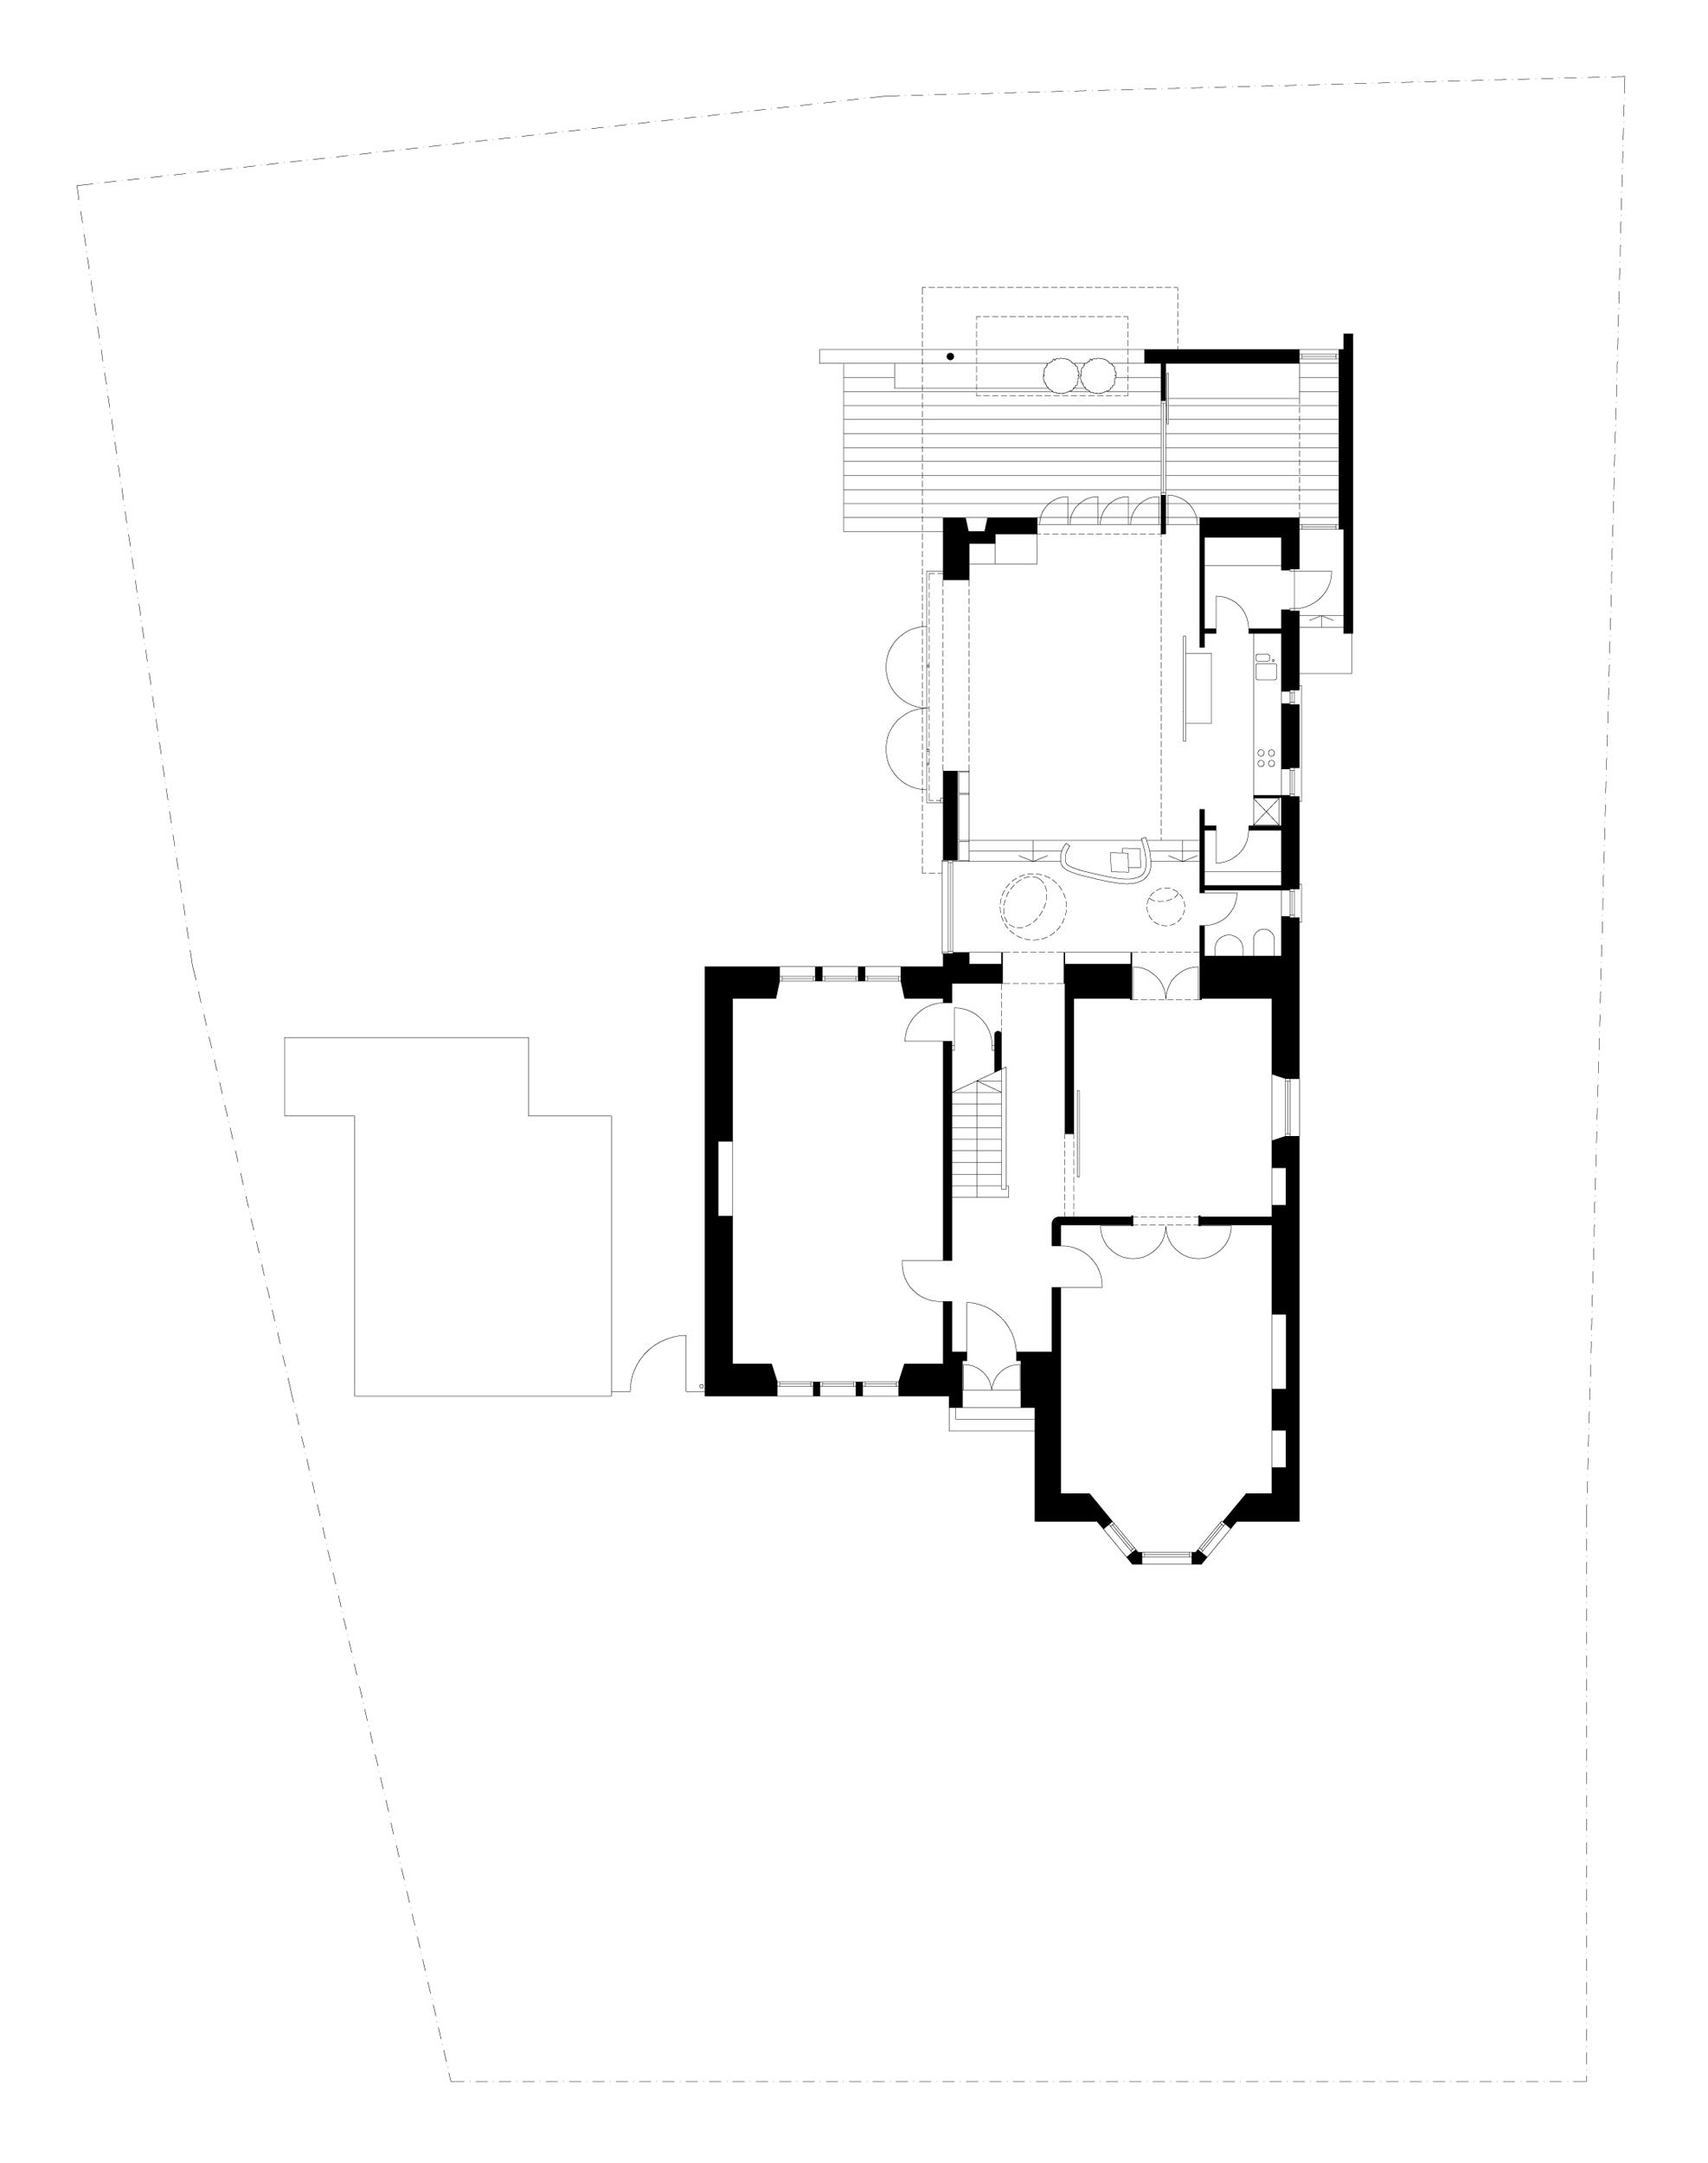 resized Waddell House Plan_1.jpg